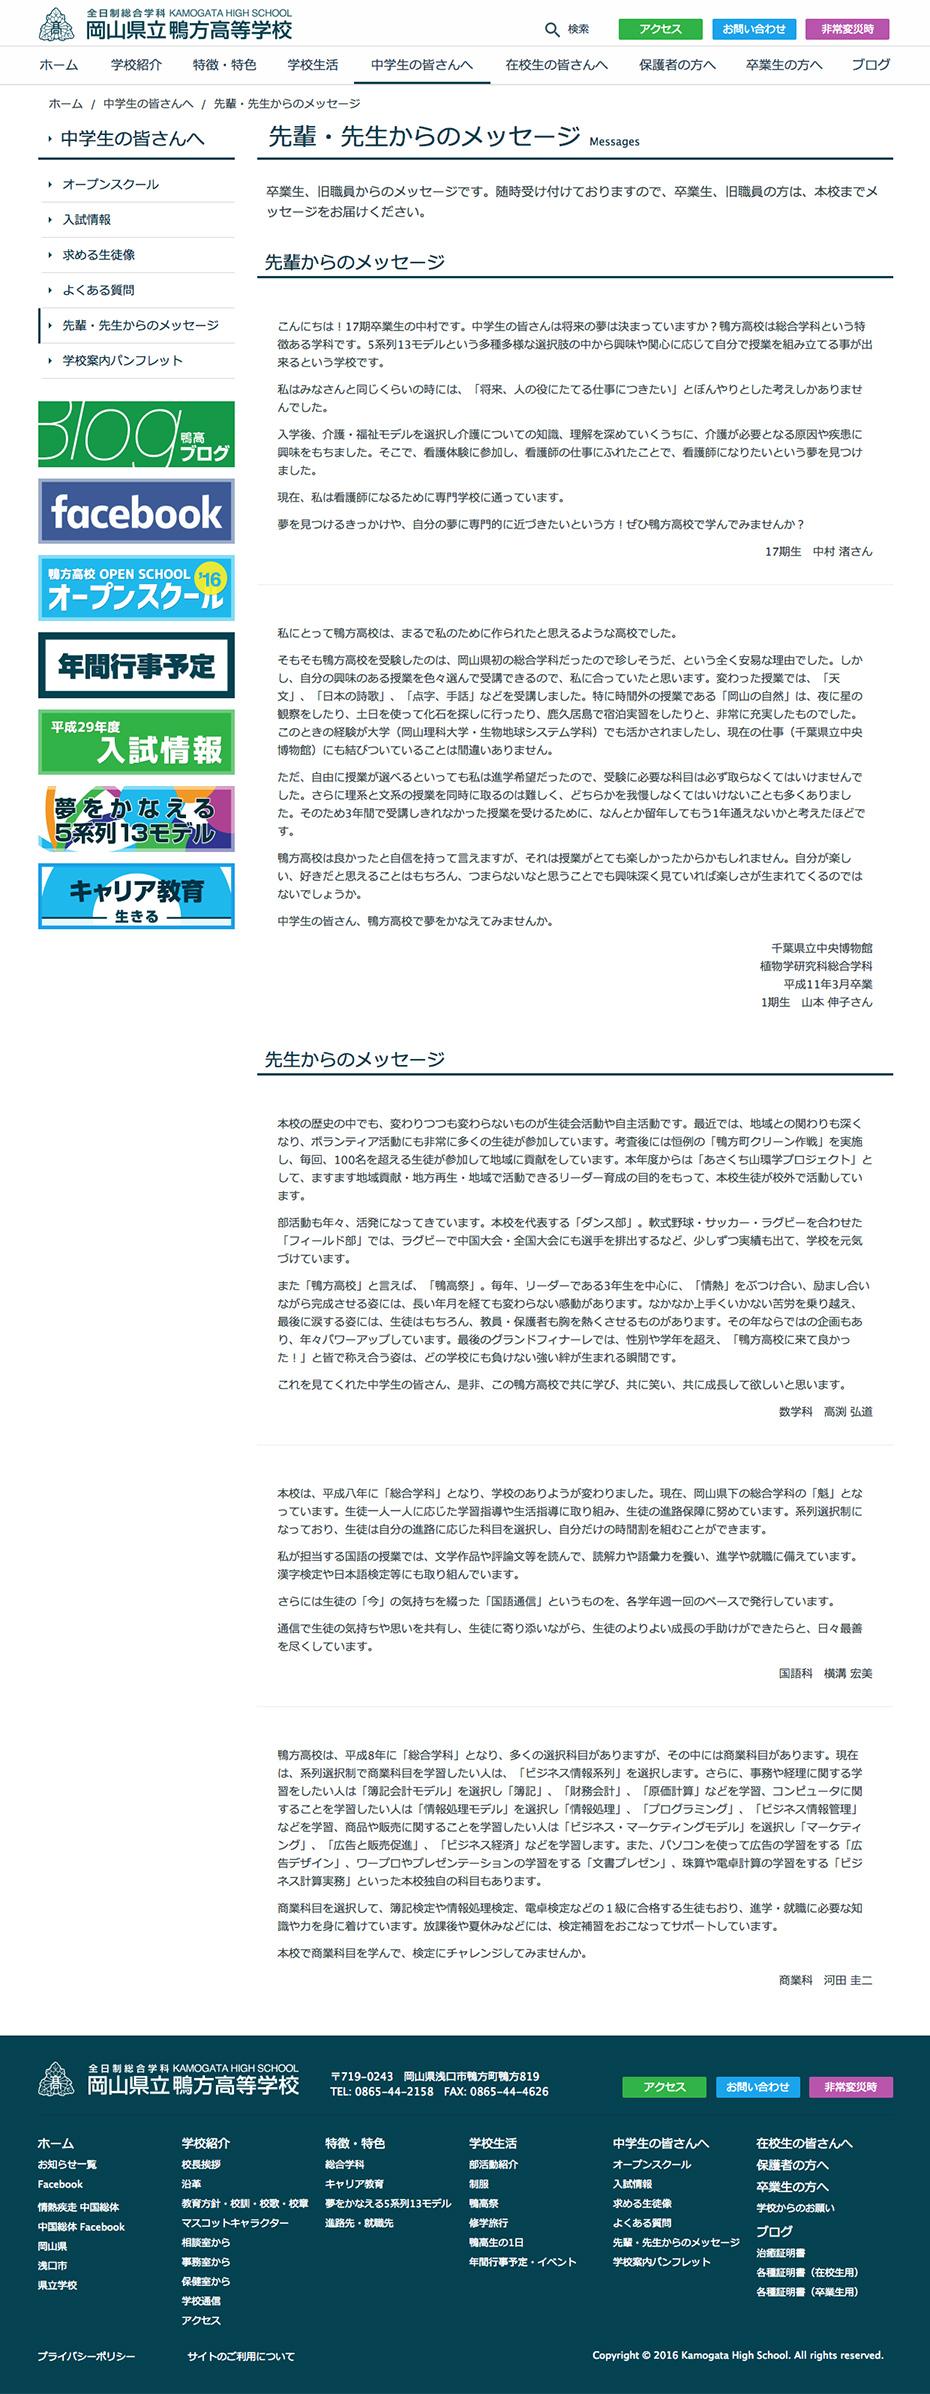 岡山県立鴨方高等学校様 ホームページ 先輩・先生からのメッセージ